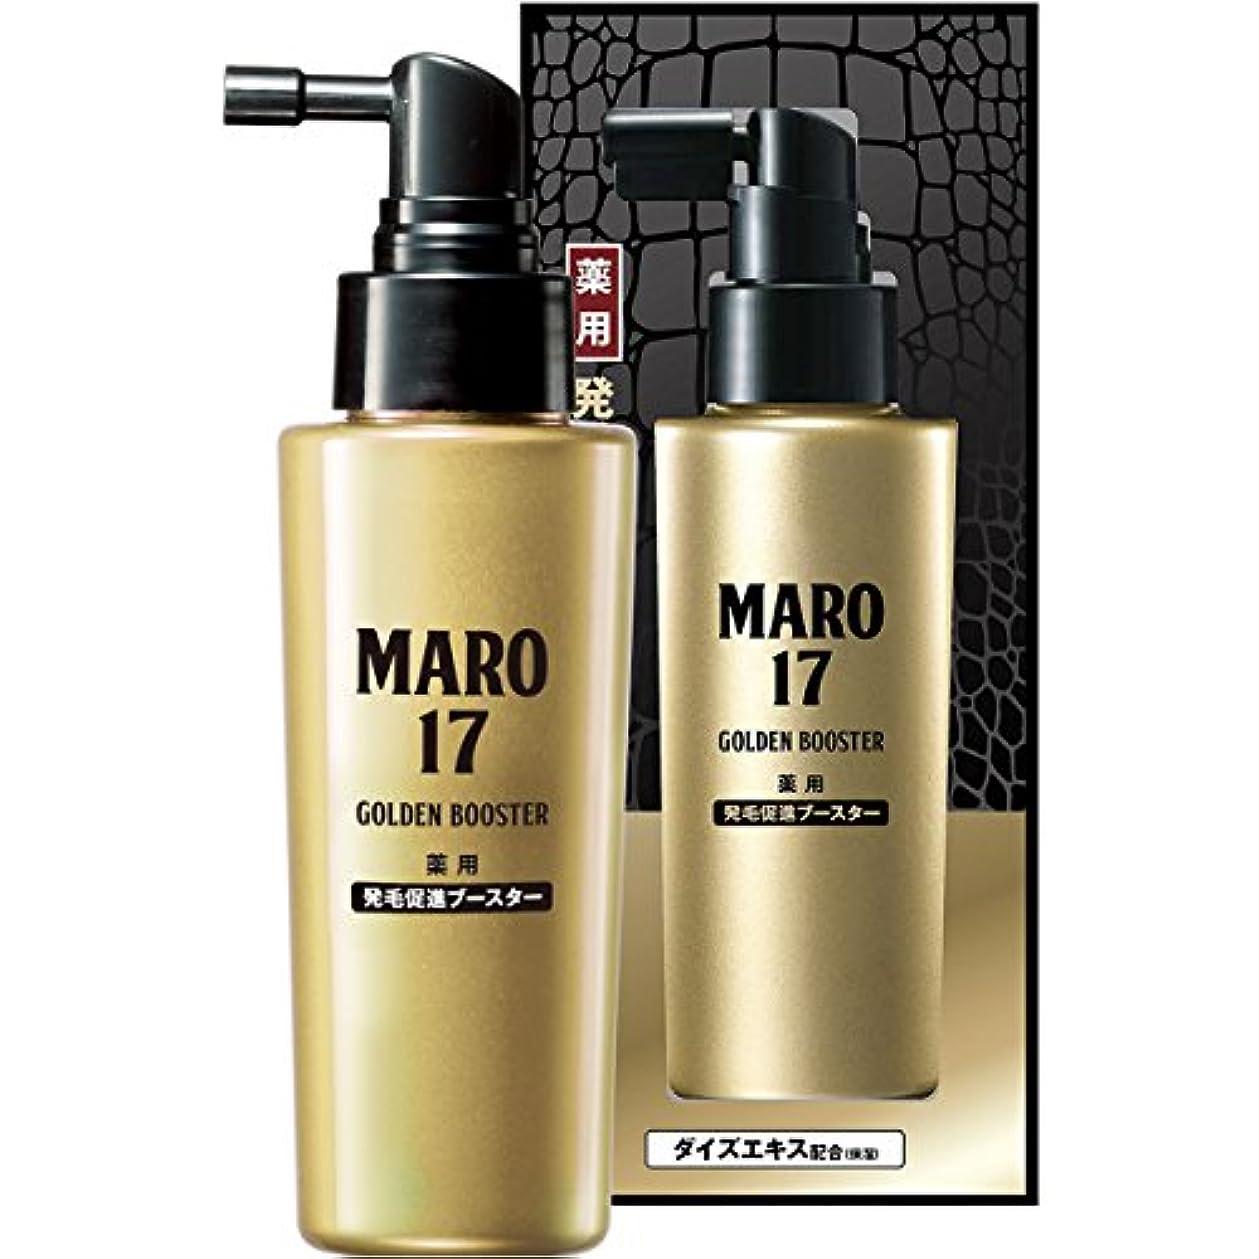 物理的に歴史仕事MARO17 薬用 発毛促進ブースター 100ml (約1ヶ月分)【医薬部外品】